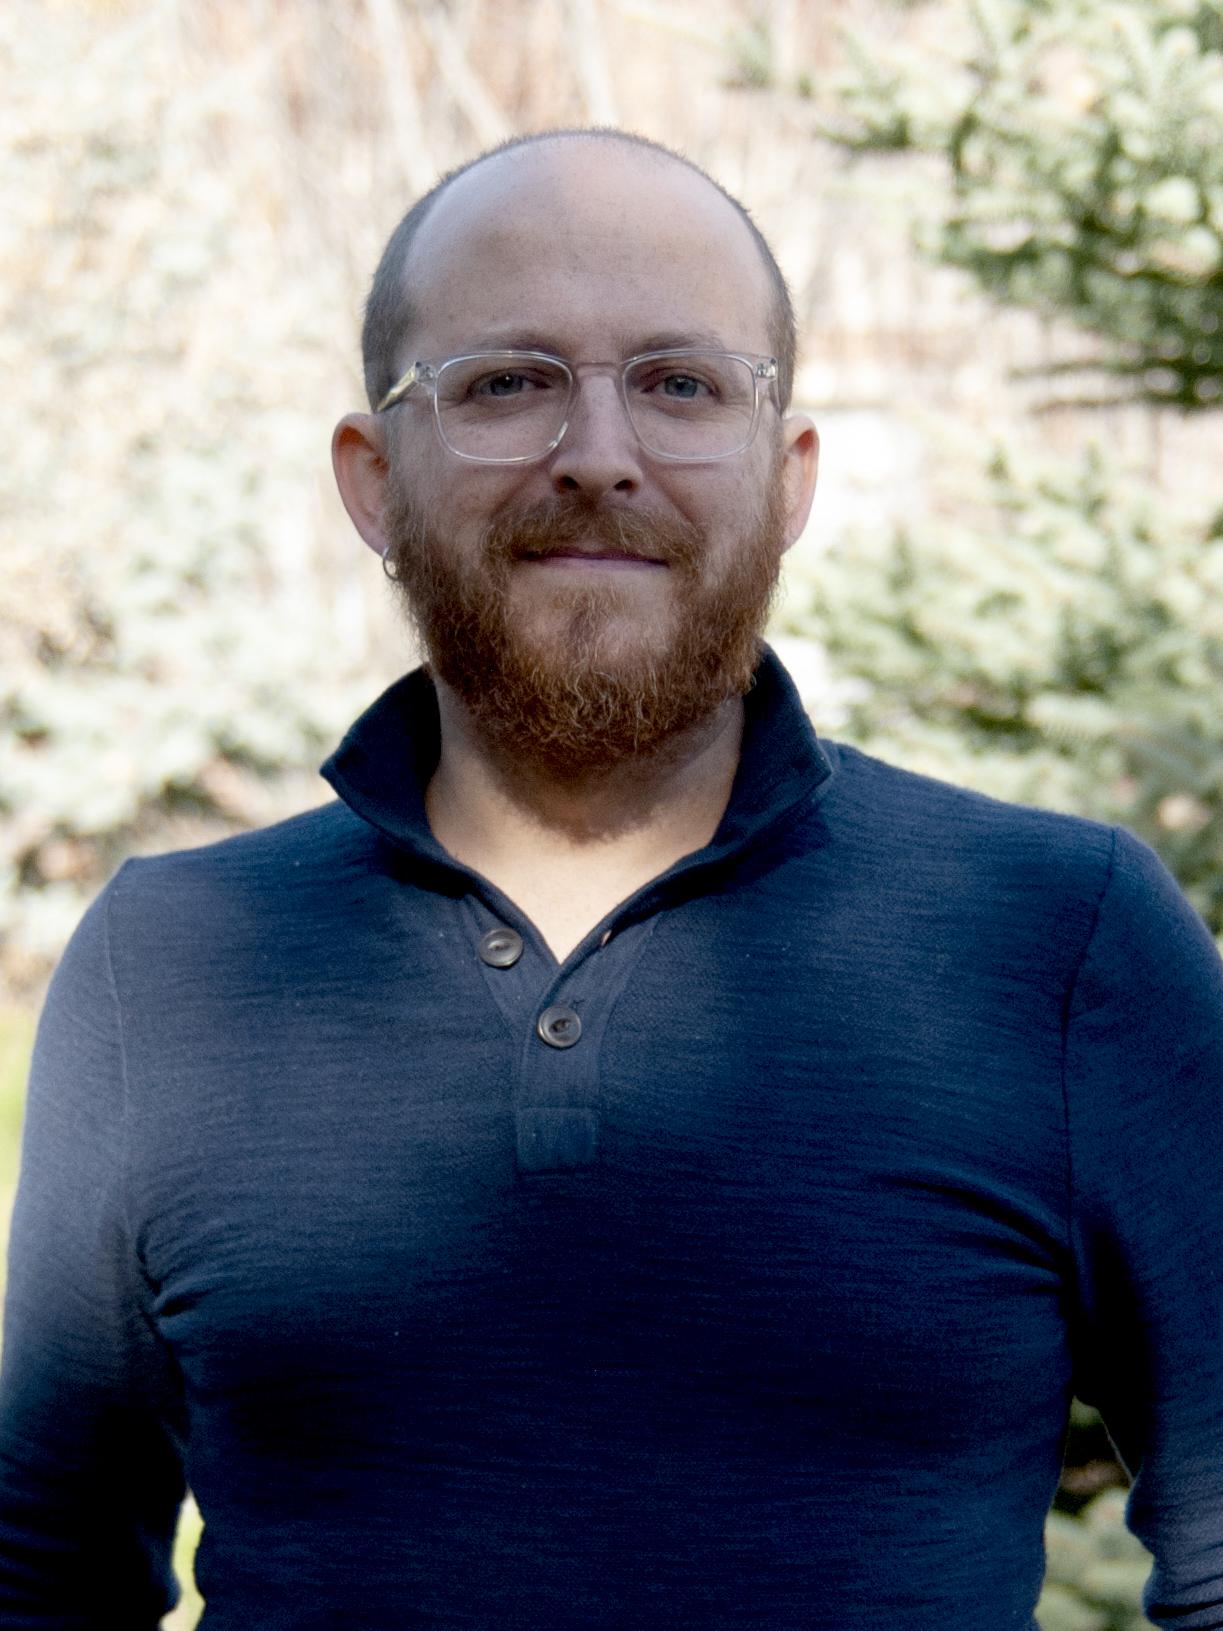 Scott Blasco